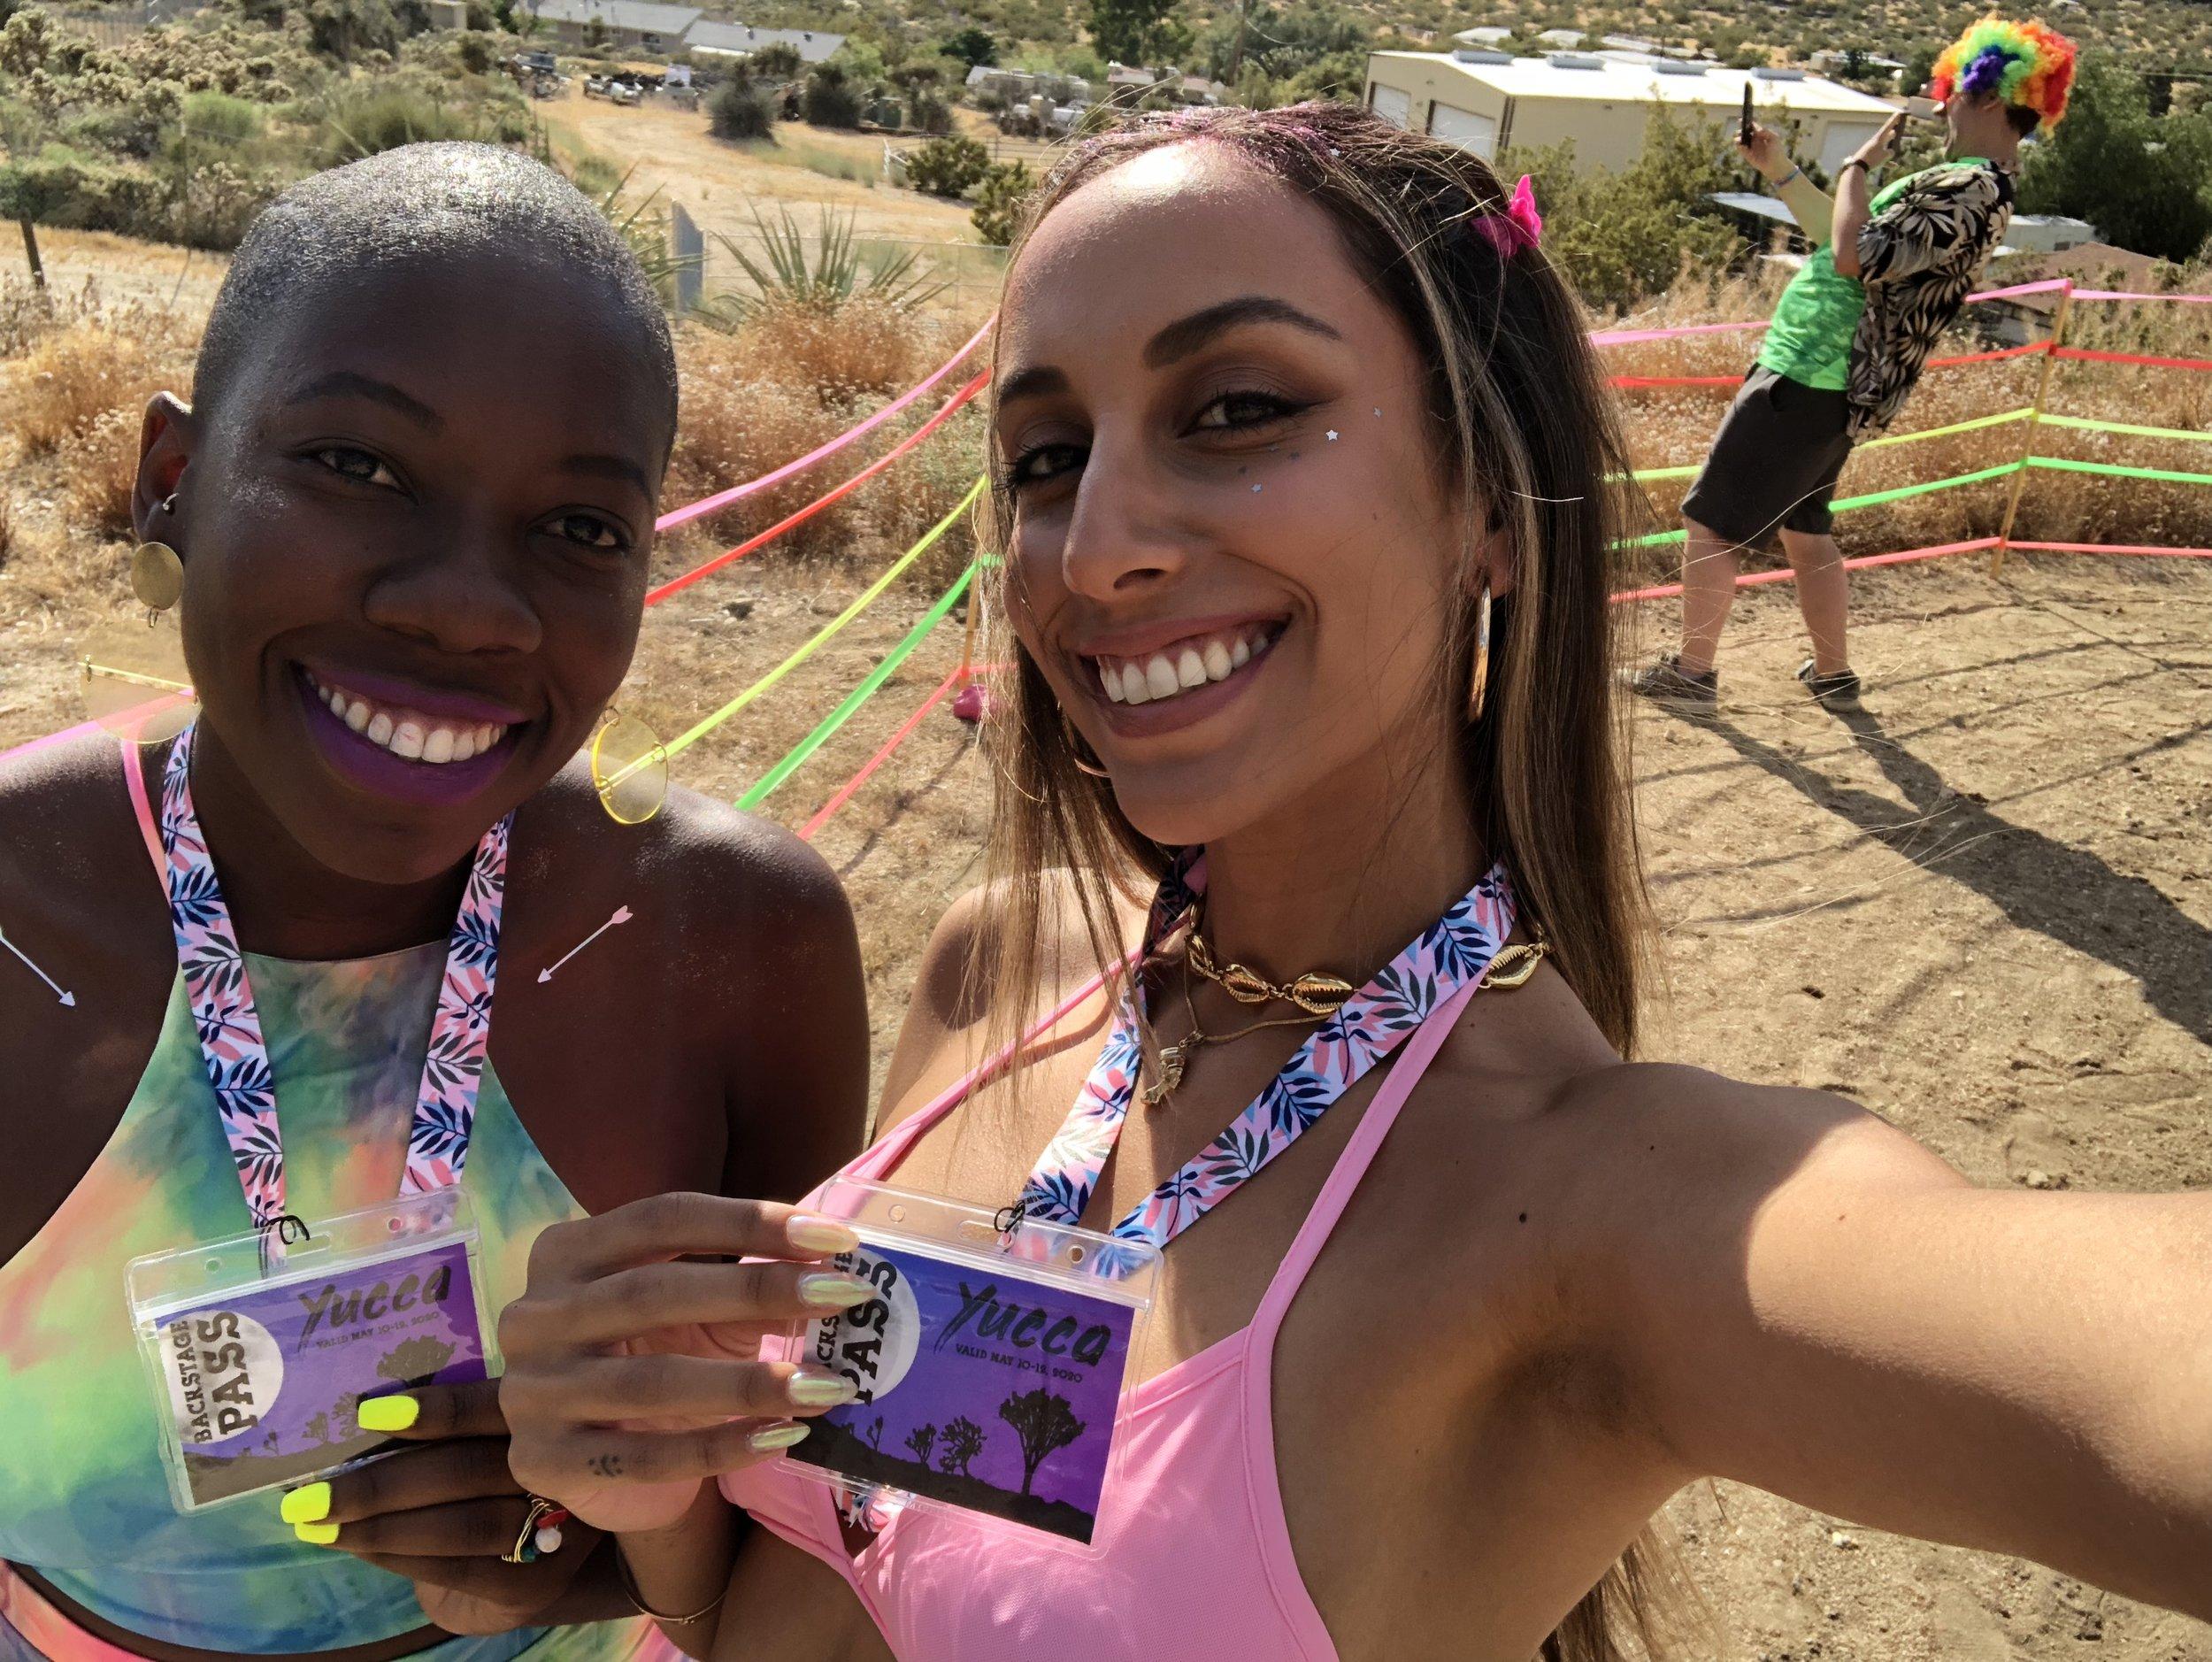 soCaldaze   literally living our best life  @ithastobeangela    #yuccafest #festivallife #active